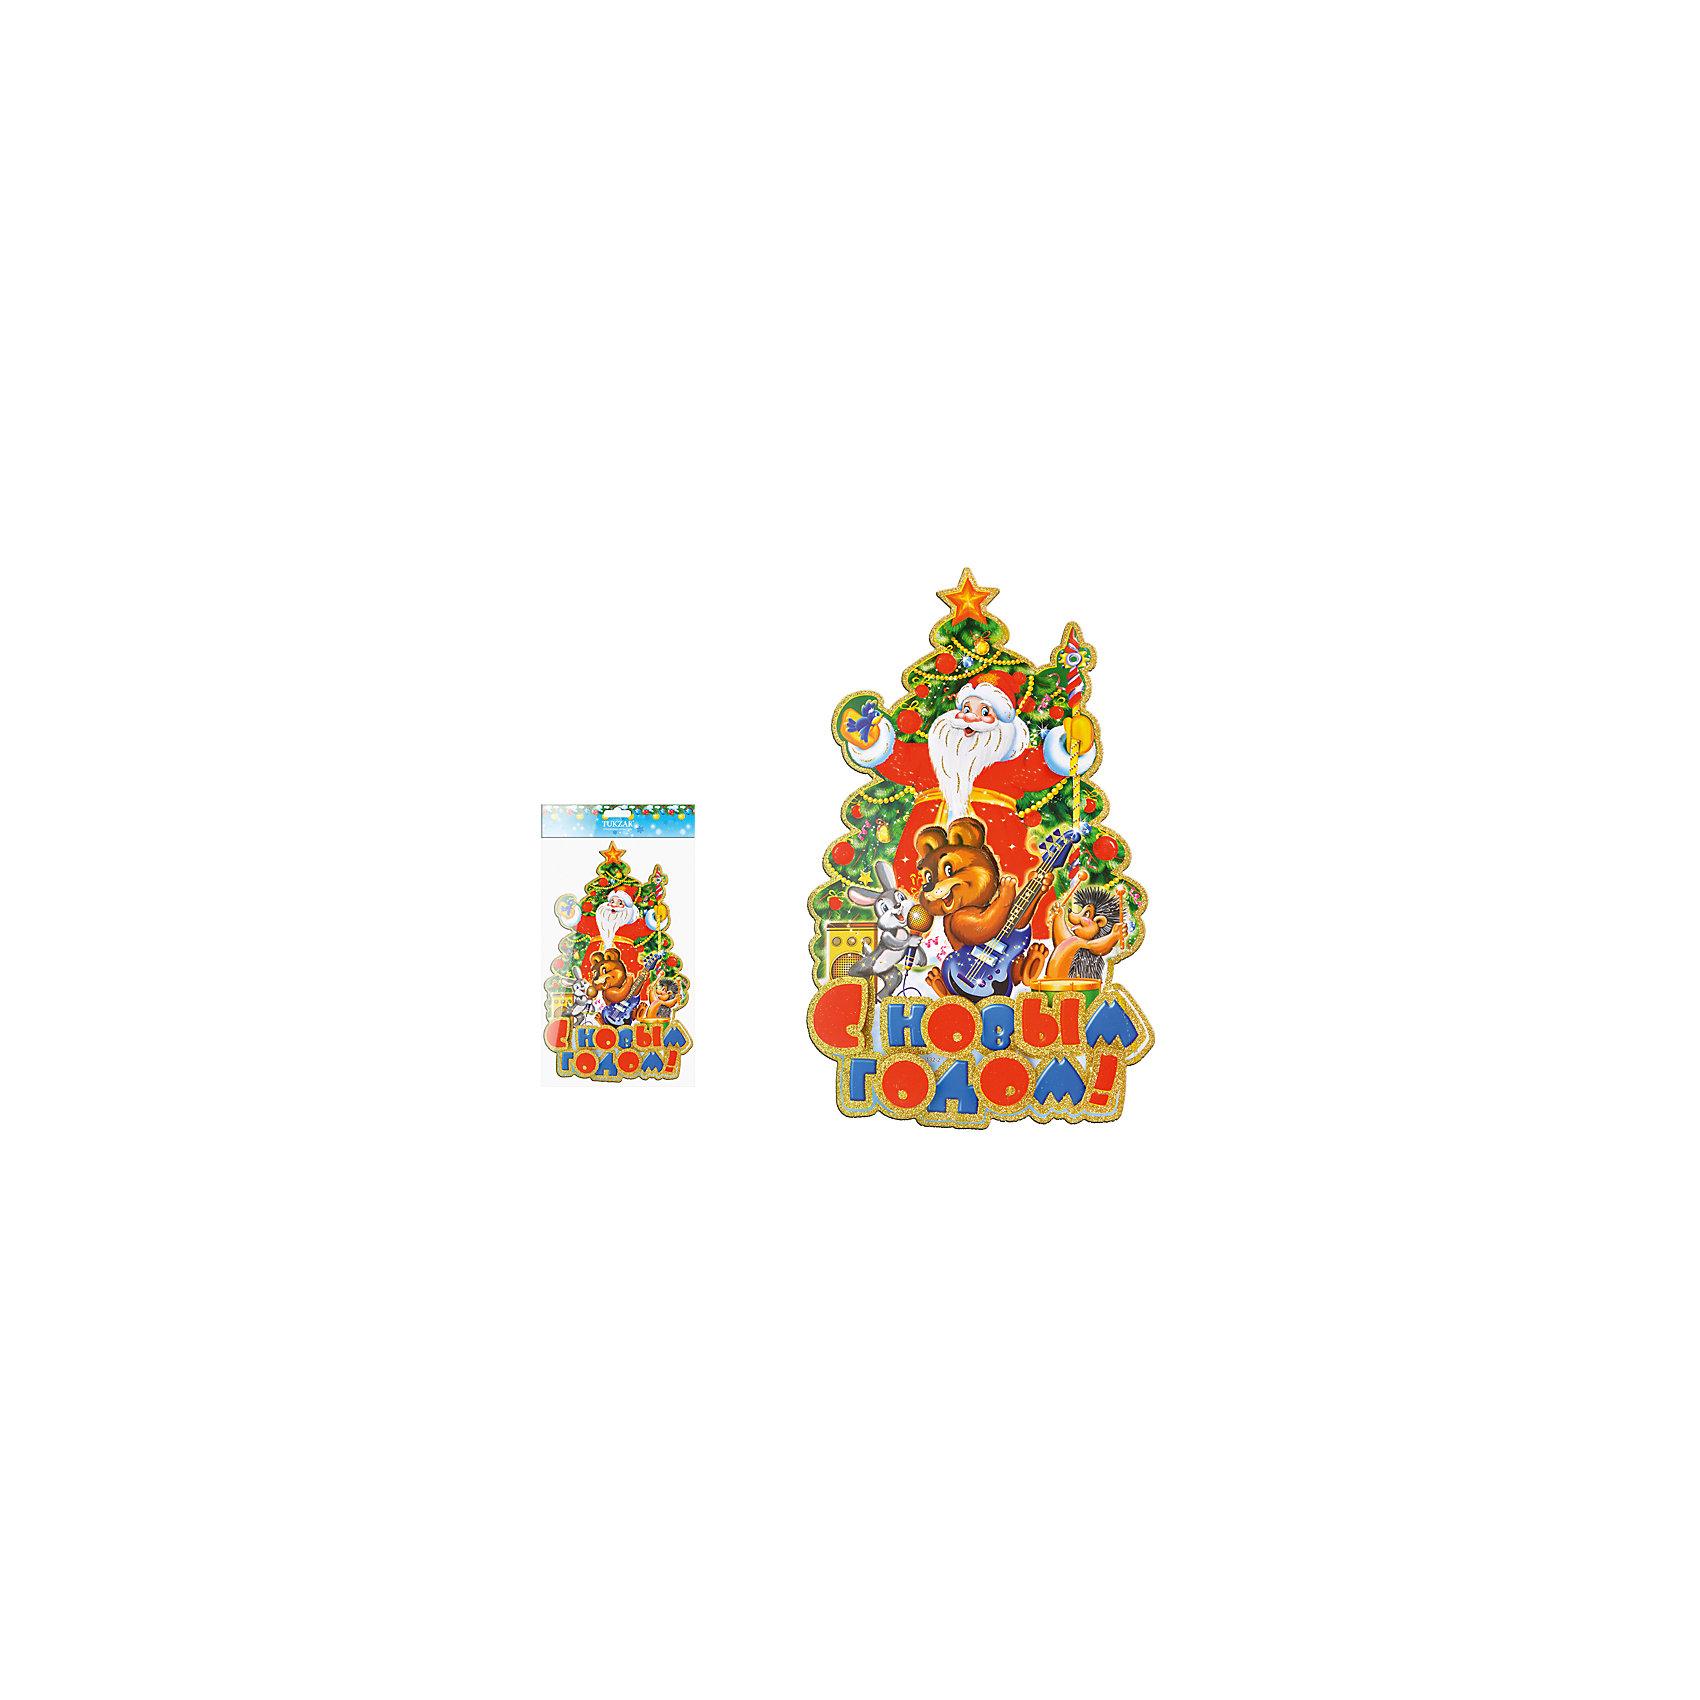 TUKZAR Панно бумажное Дед Мороз игровые фигурки maxitoys фигура дед мороз в плетеном кресле музыкальный